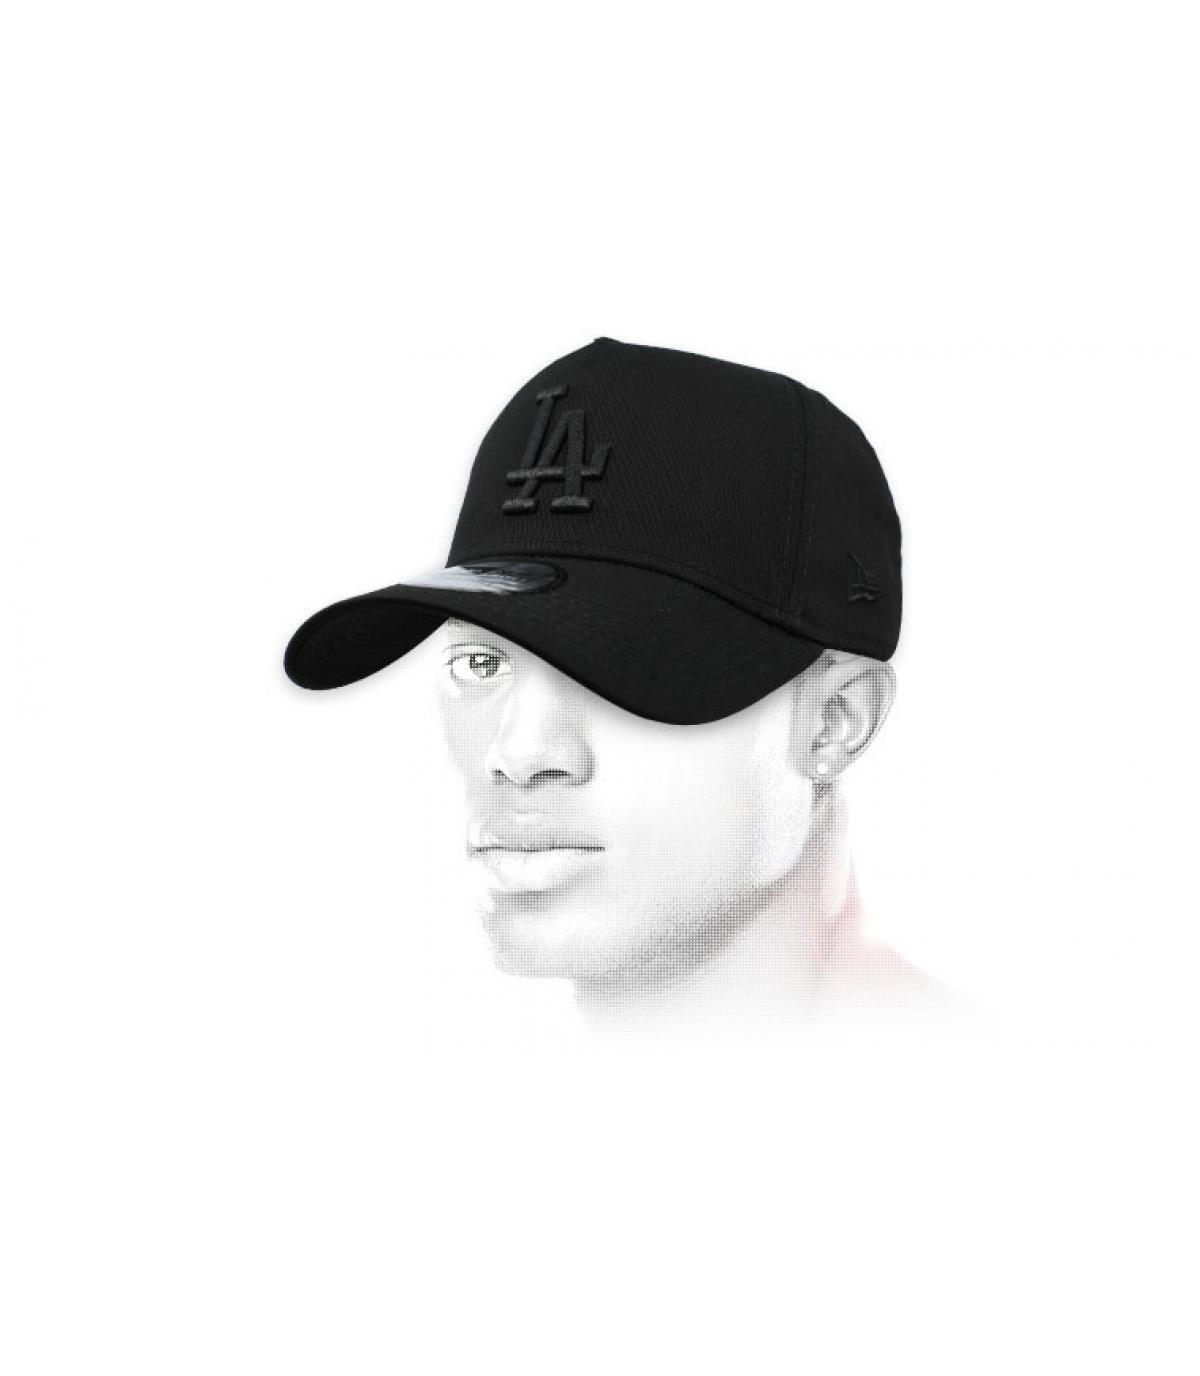 black LA cap Aframe